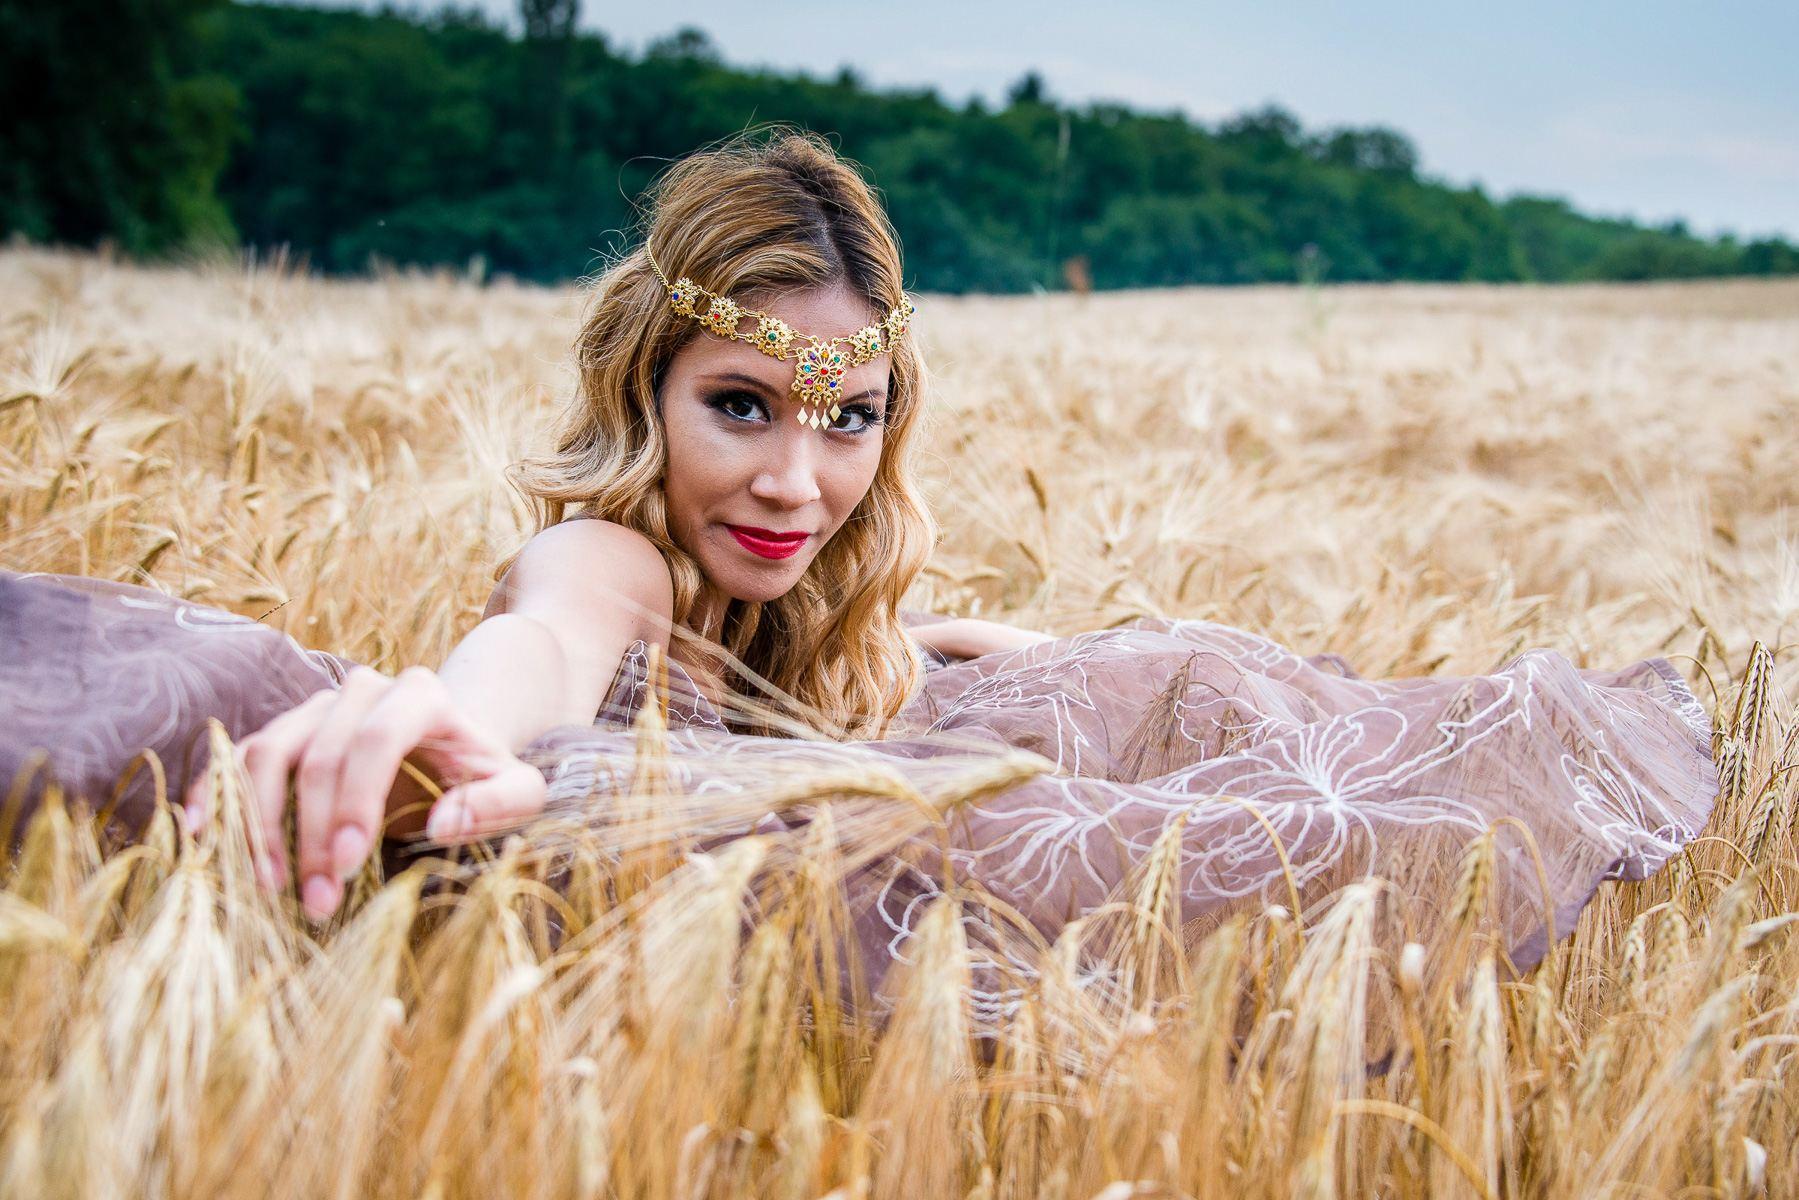 jenny suv femme genève modèle mannequin suisse maquilleuse danseuse nu charme portrait